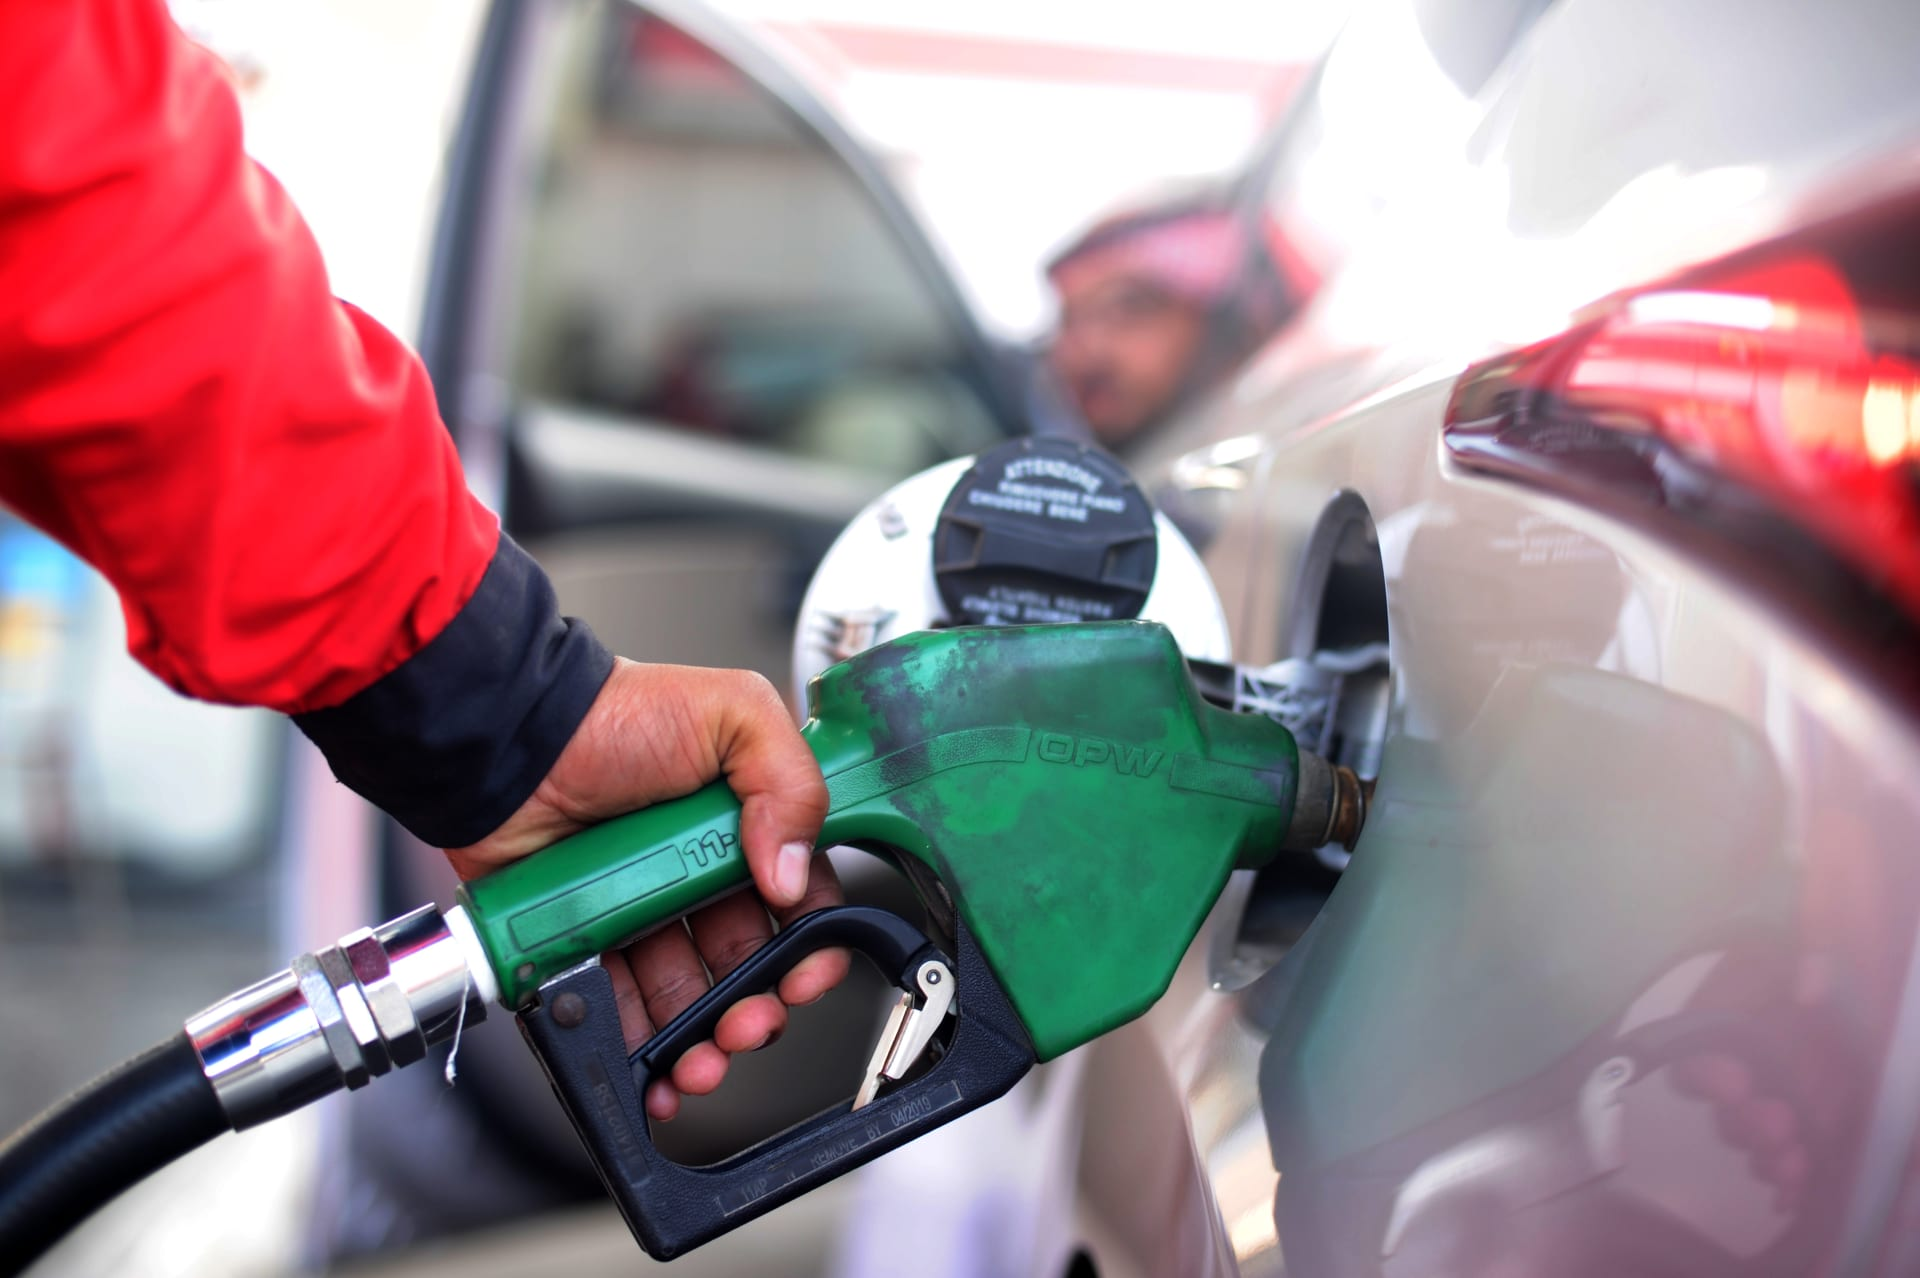 أرامكو السعودية تعلن أسعار البنزين الجديدة لشهر أغسطس